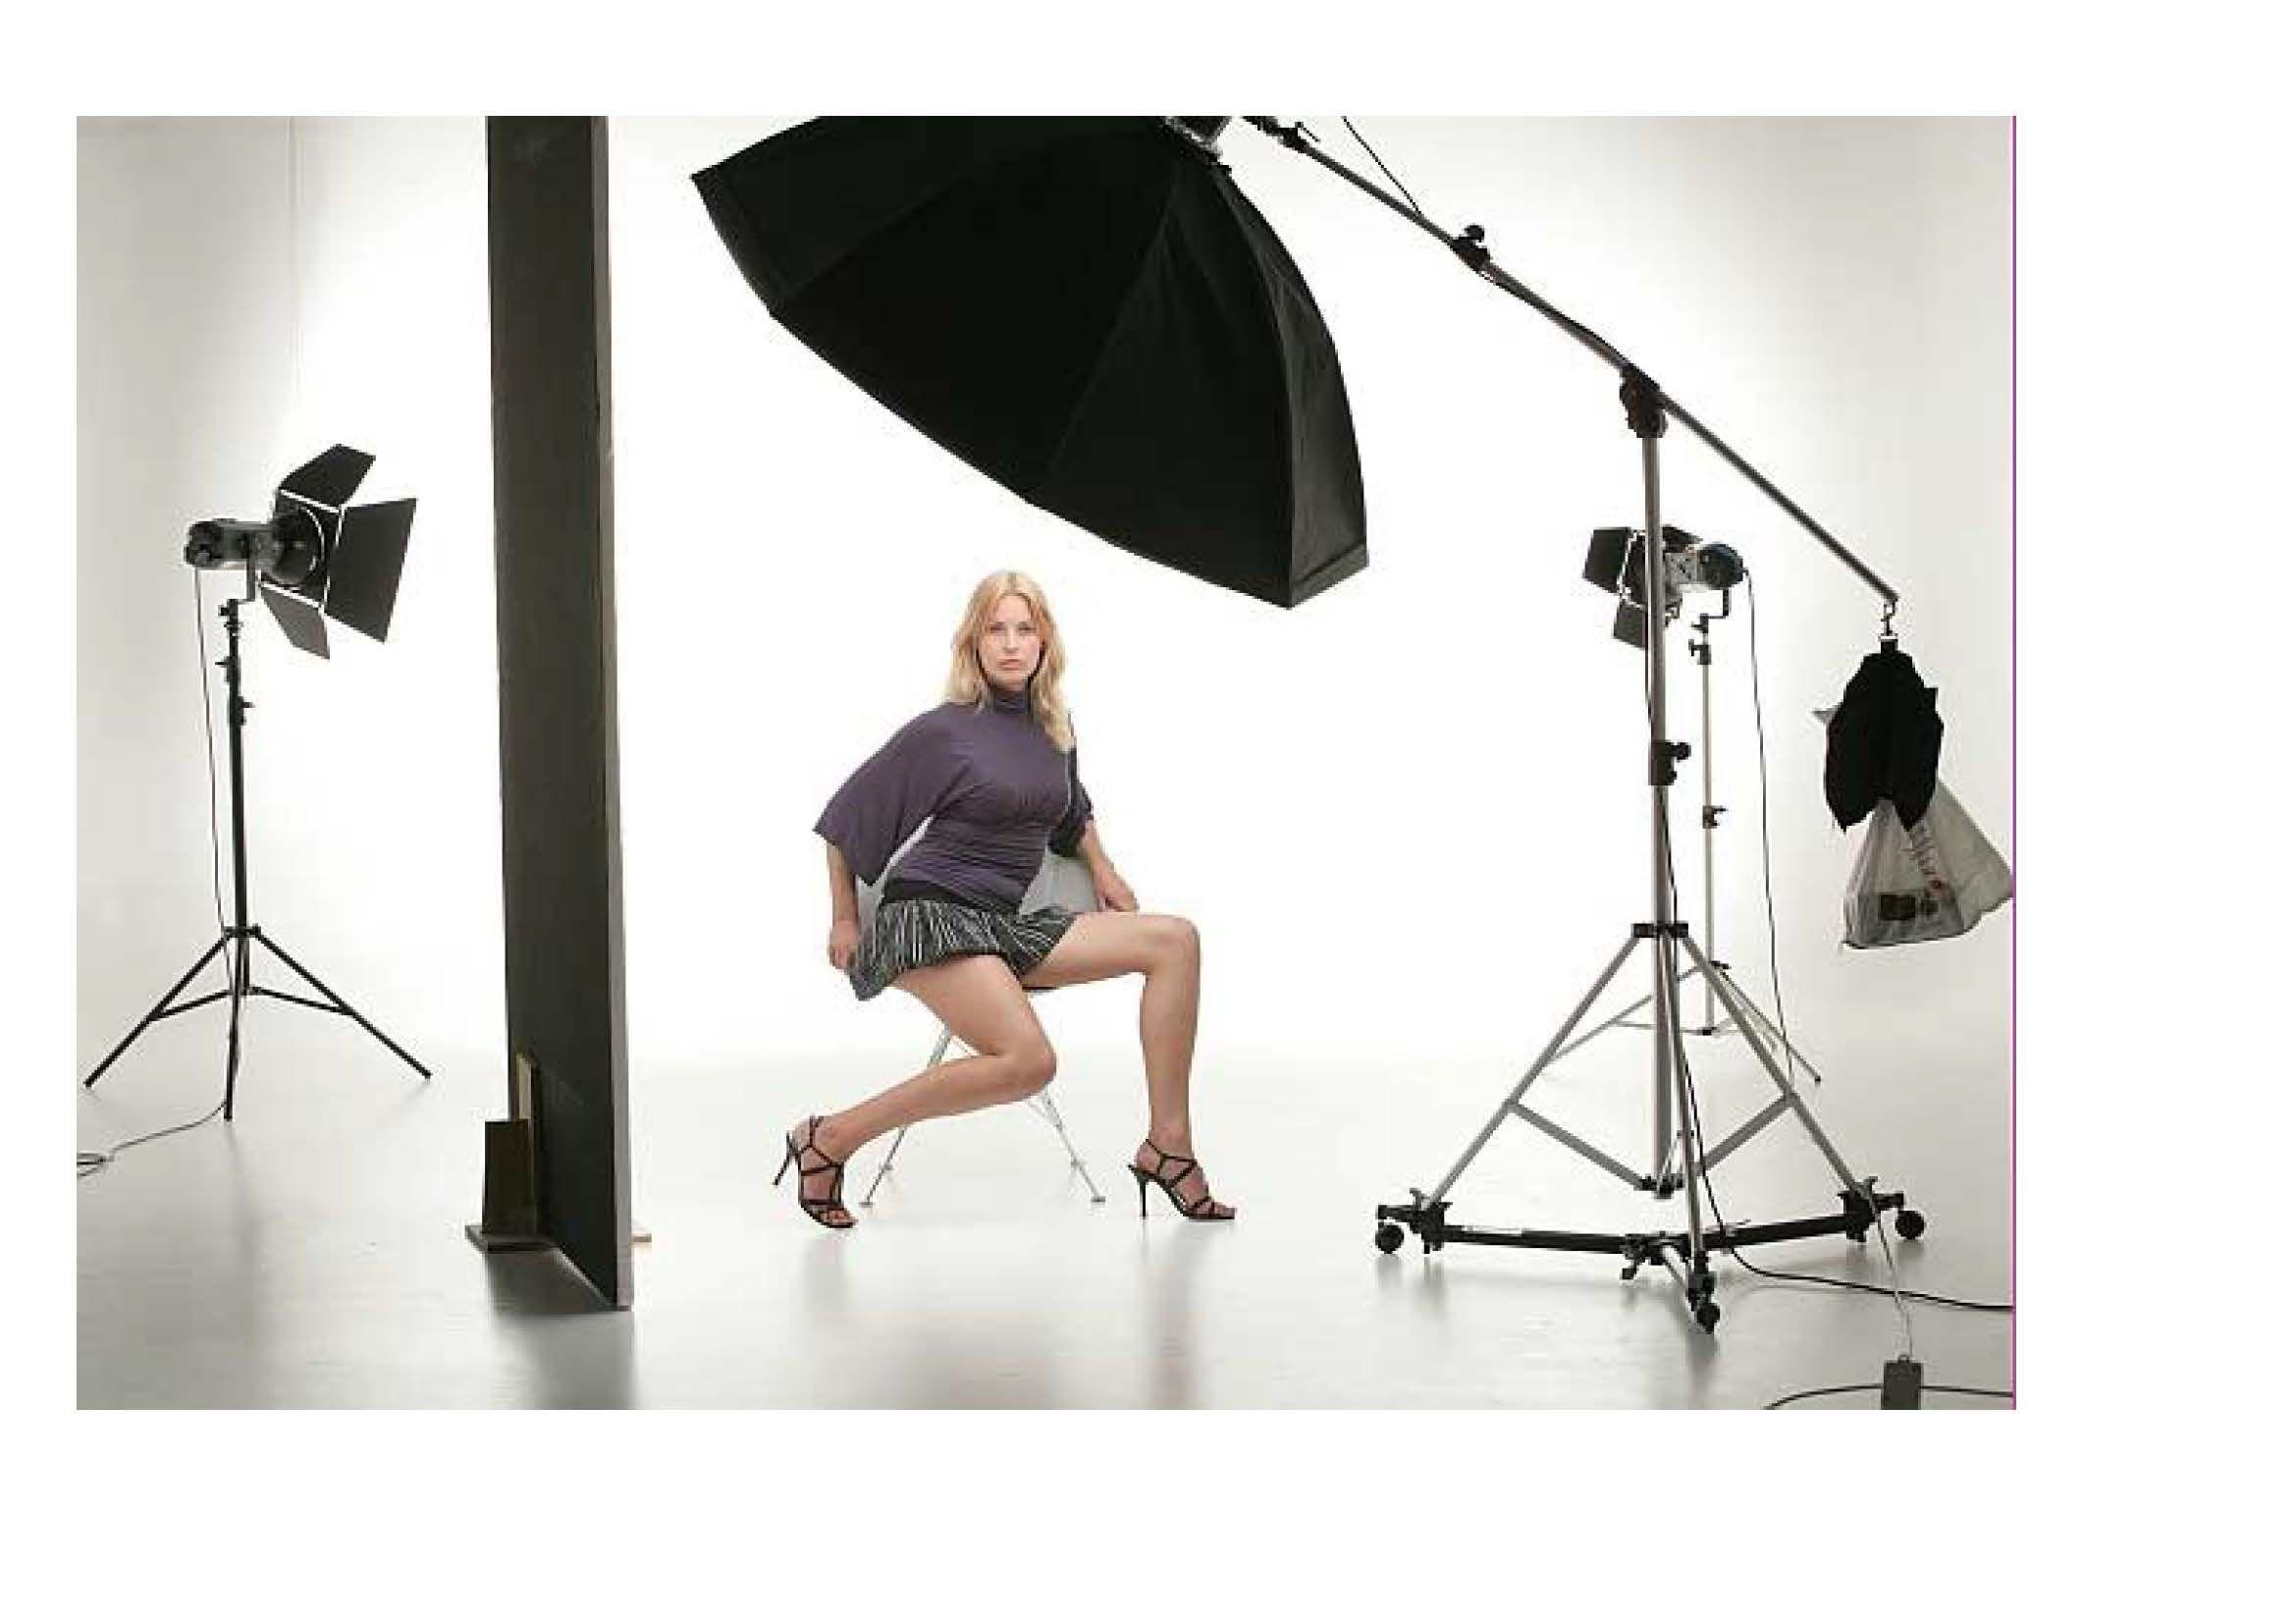 подвижной фотосъемка на модели октабокс одежды горных